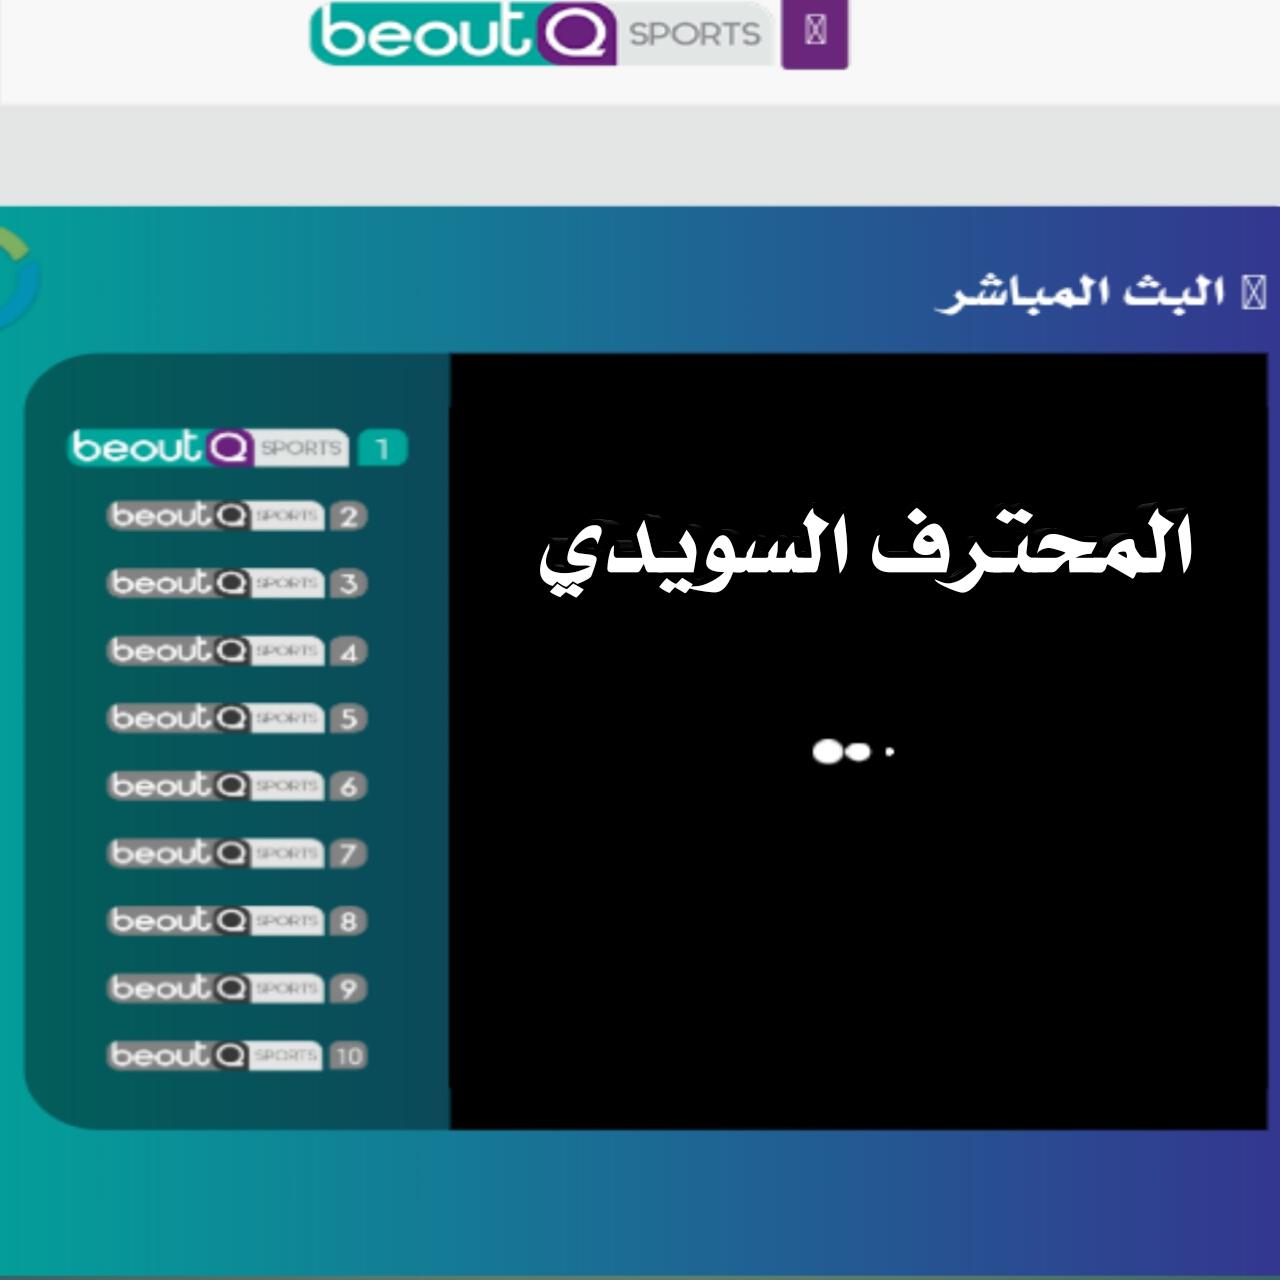 شاهد قنوات beout المشفرة مجانا بدون vpn عبر هذا الموقع المتميز